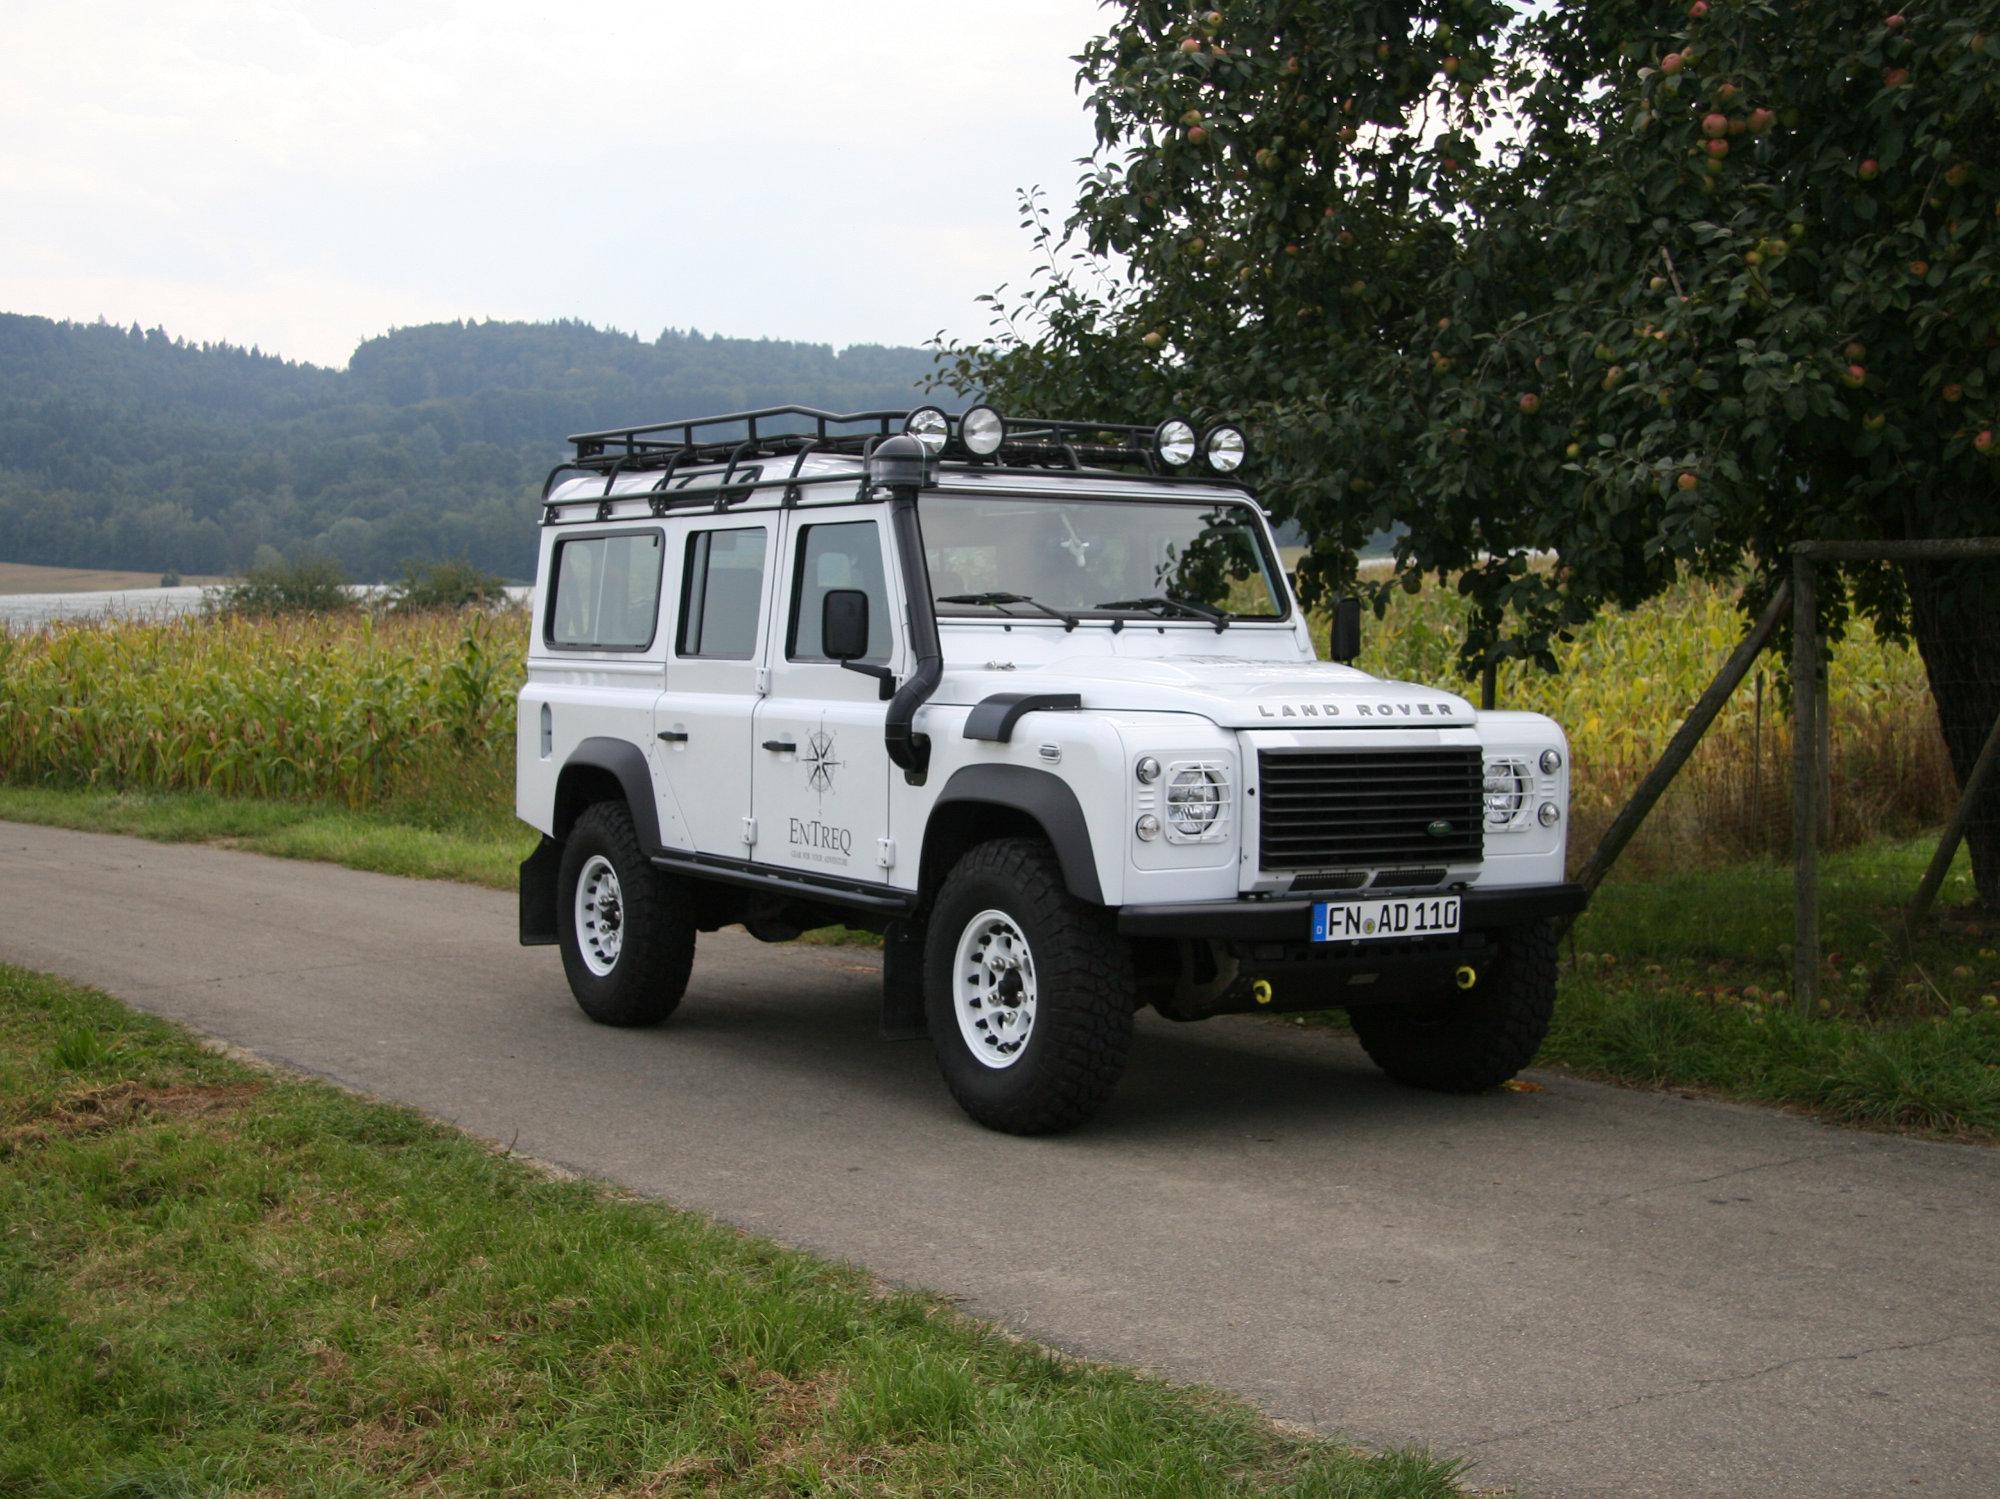 erhöhte Luftansaugung Schnorchel Land Rover Defender.001